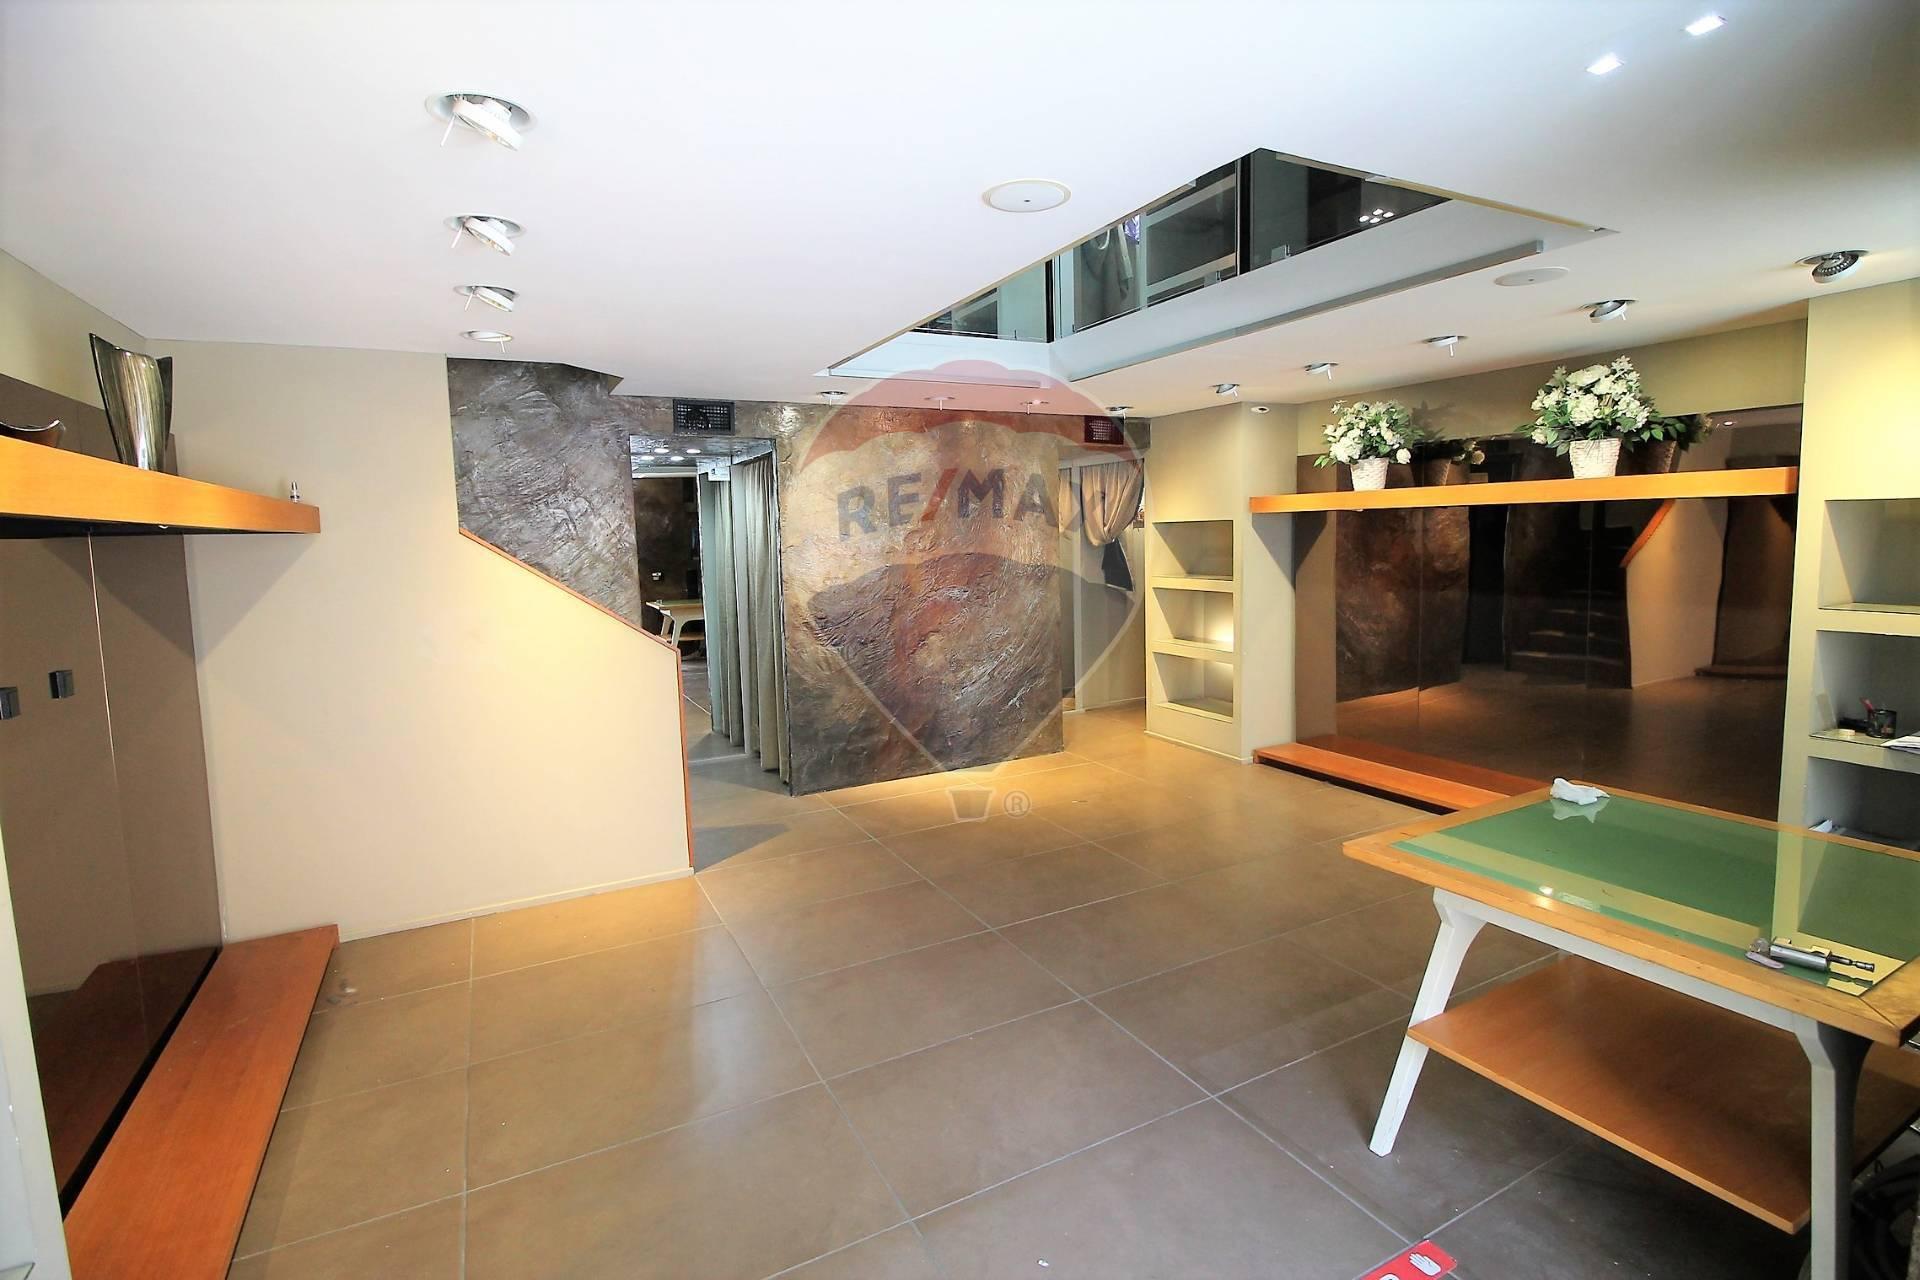 Negozio / Locale in affitto a Siracusa, 9999 locali, zona Zona: Tica-tisia, prezzo € 2.000 | CambioCasa.it